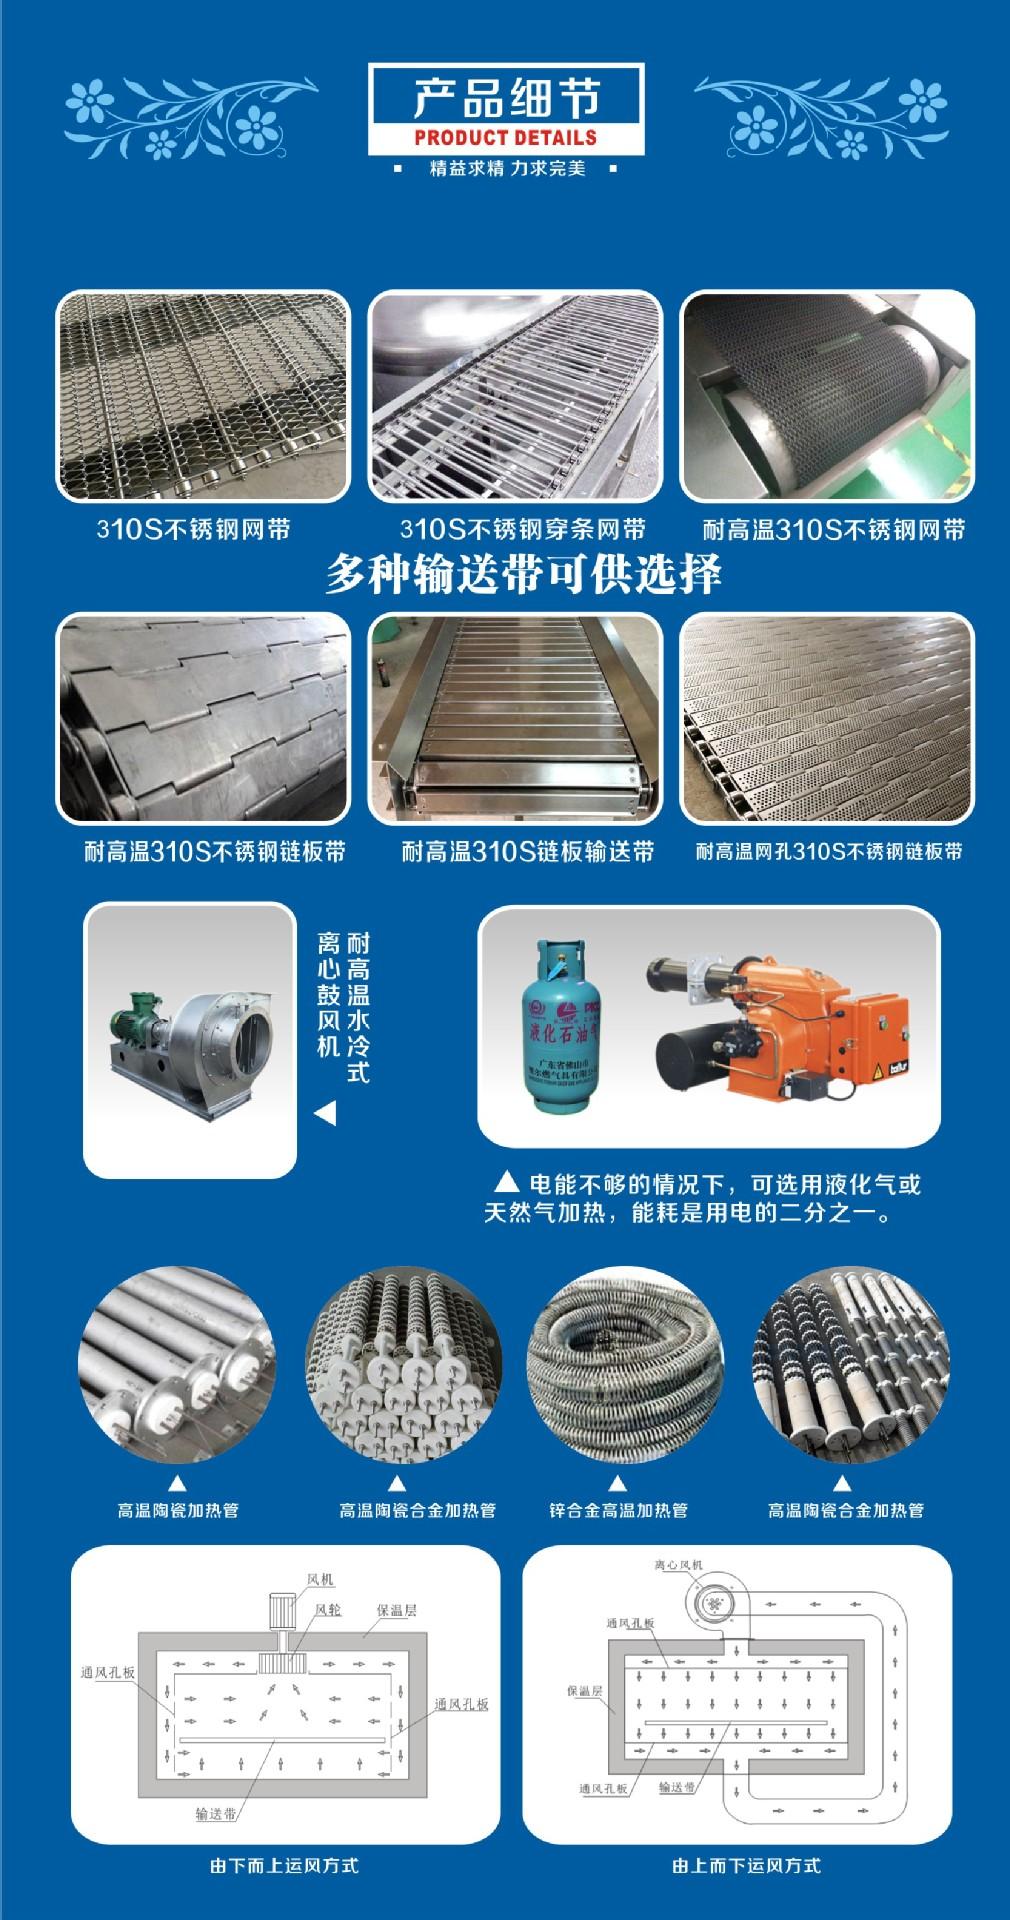 03高温隧道炉产品细节.jpg